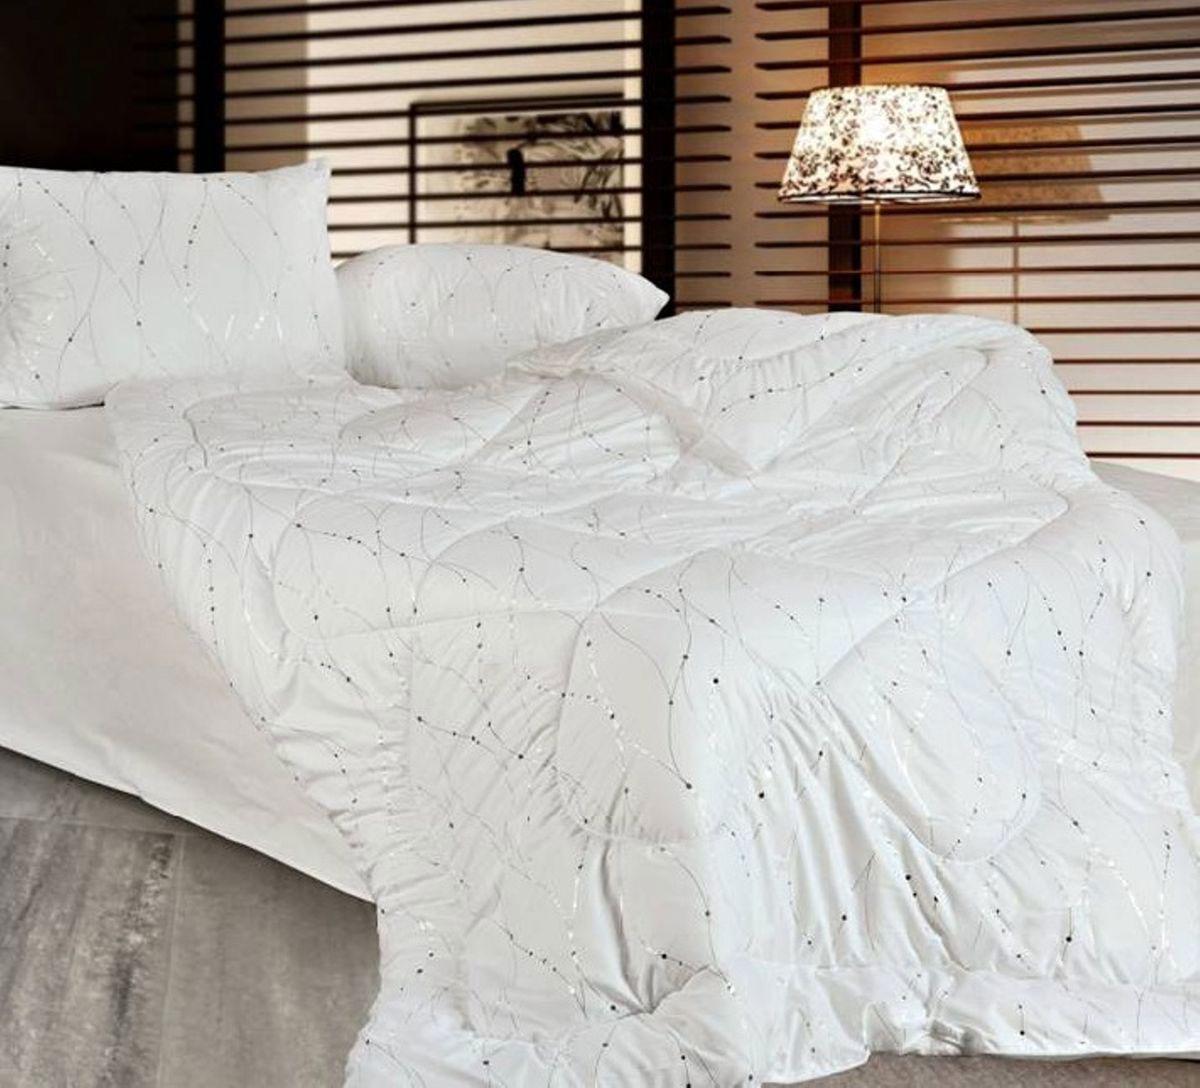 Подушка Home & Style, цвет: белый, 50 х 70 см6113MКлассическая подушка с экологичным наполнителем (соевое волокно) и стильным верхом - серебро на белом фоне. Чехол изготовлен из микрофибры. Размер подушки: 50 х 70 см.